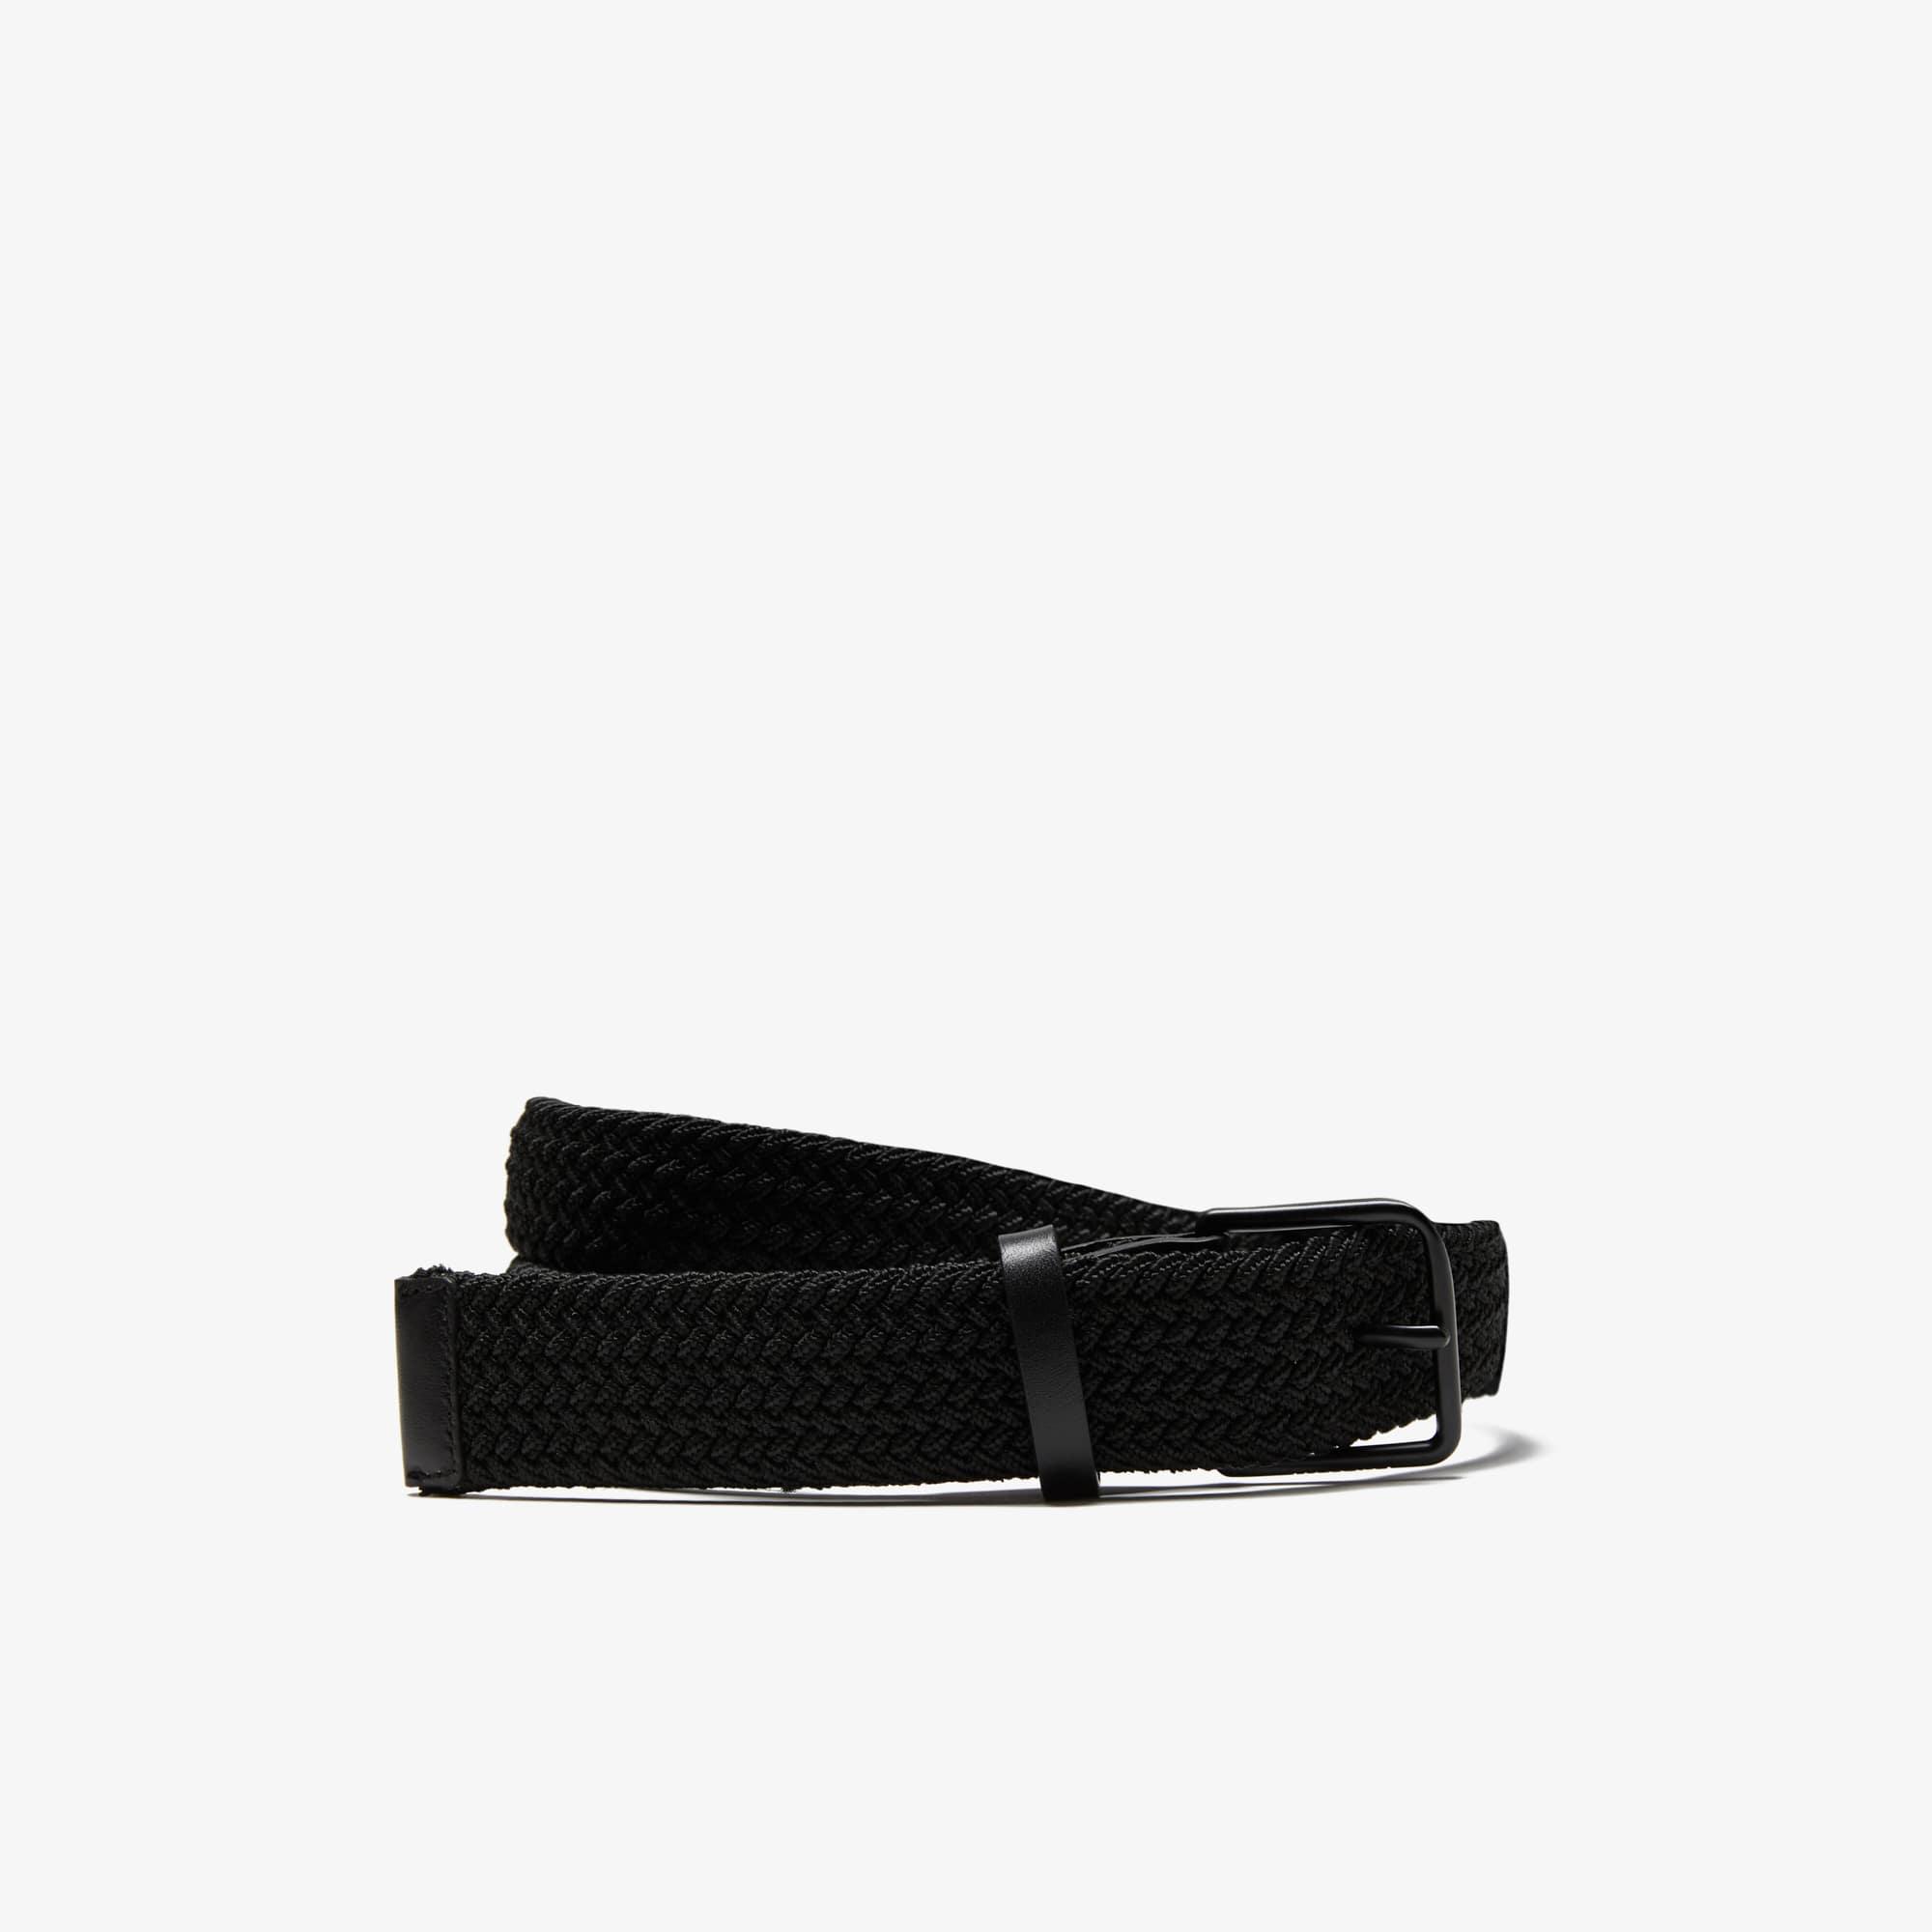 9df5ad5e7d Men's Belts | Leather Goods | LACOSTE